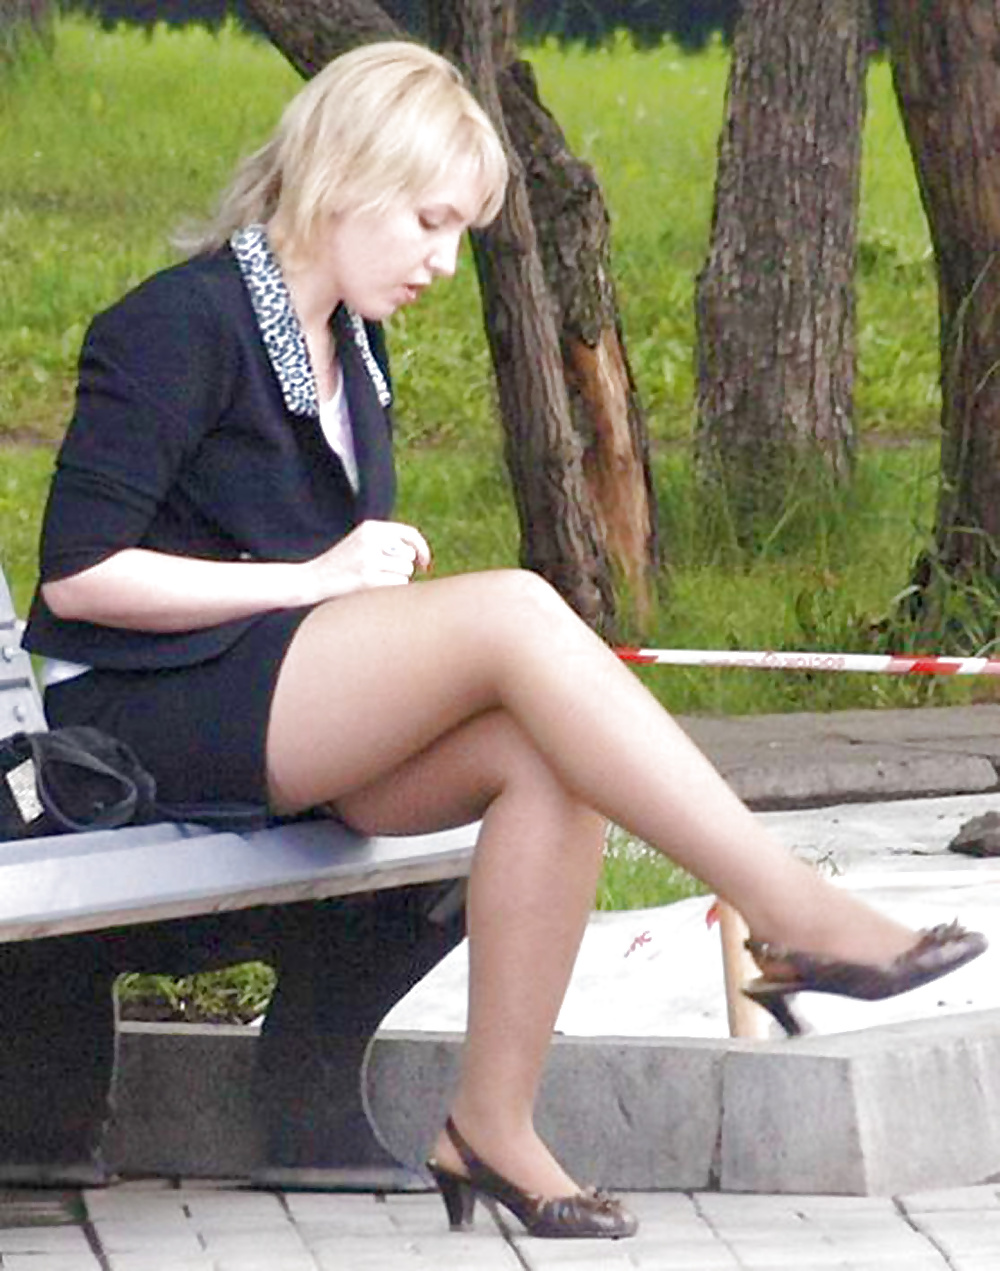 посетитель девушки в чулках подсмотренное охота драку лезть